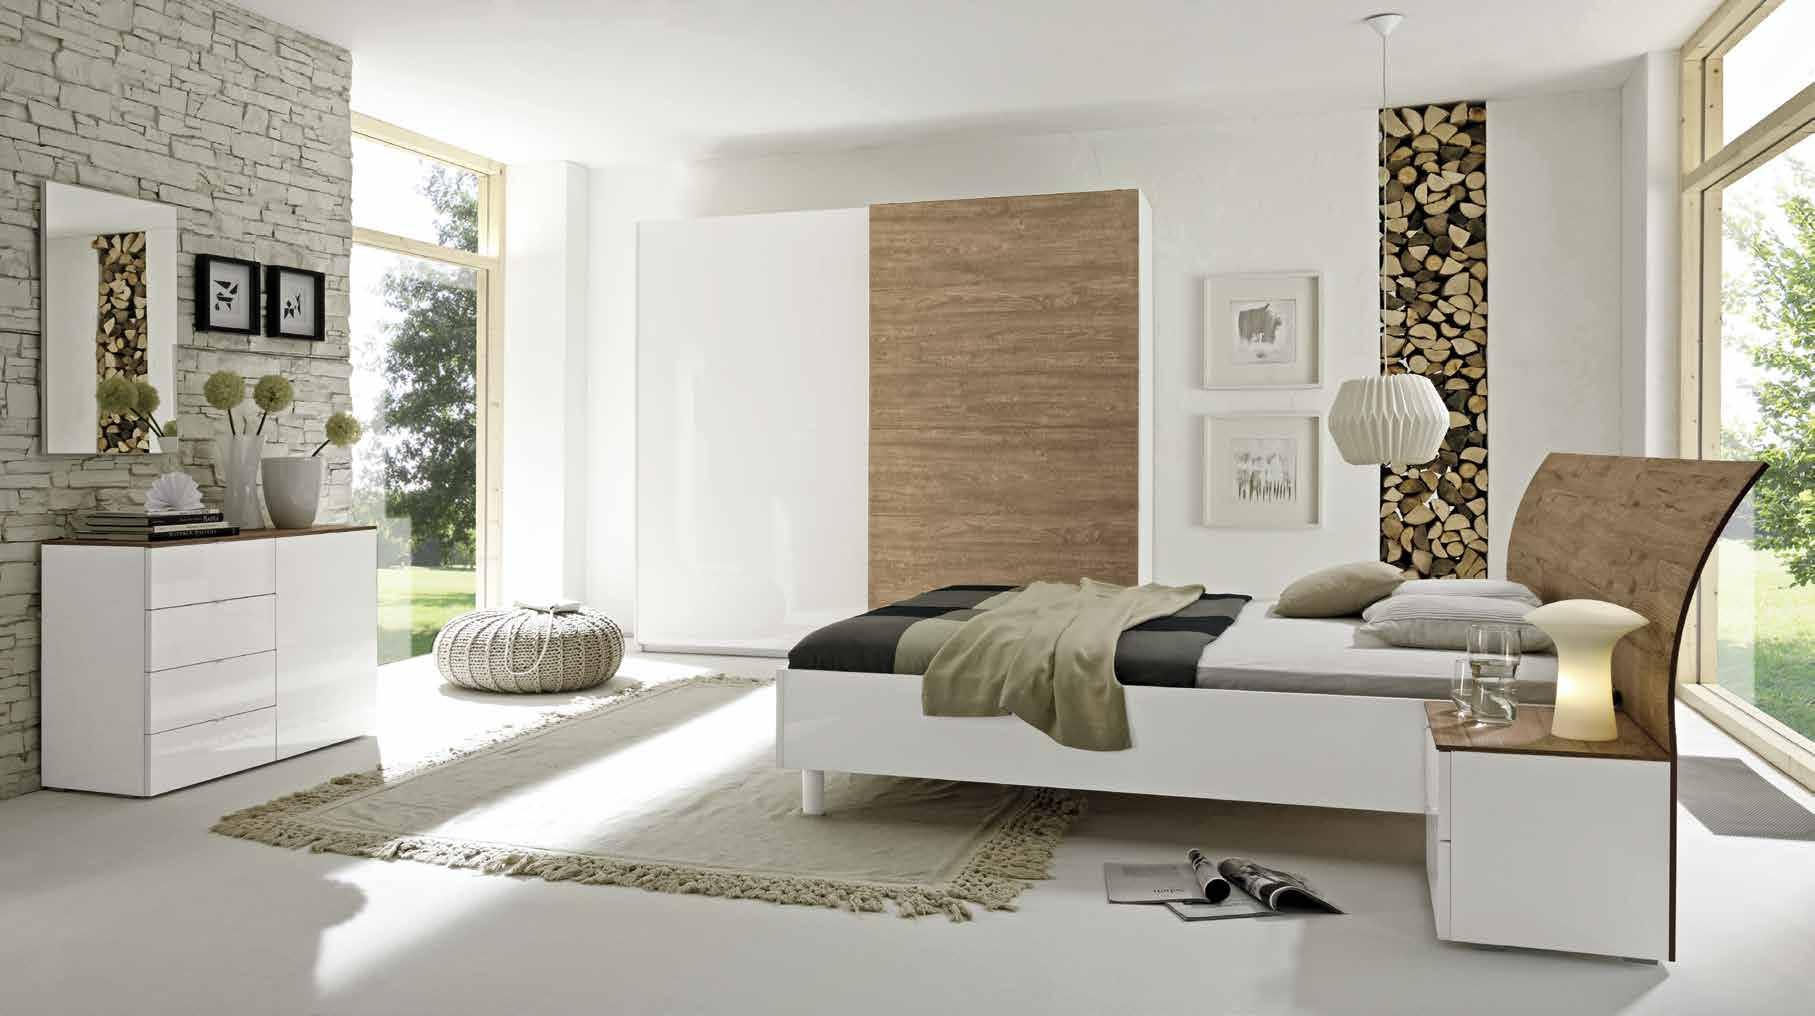 Camera Da Letto Legno Chiaro : Camere da letto moderne in legno arredamento camera da letto